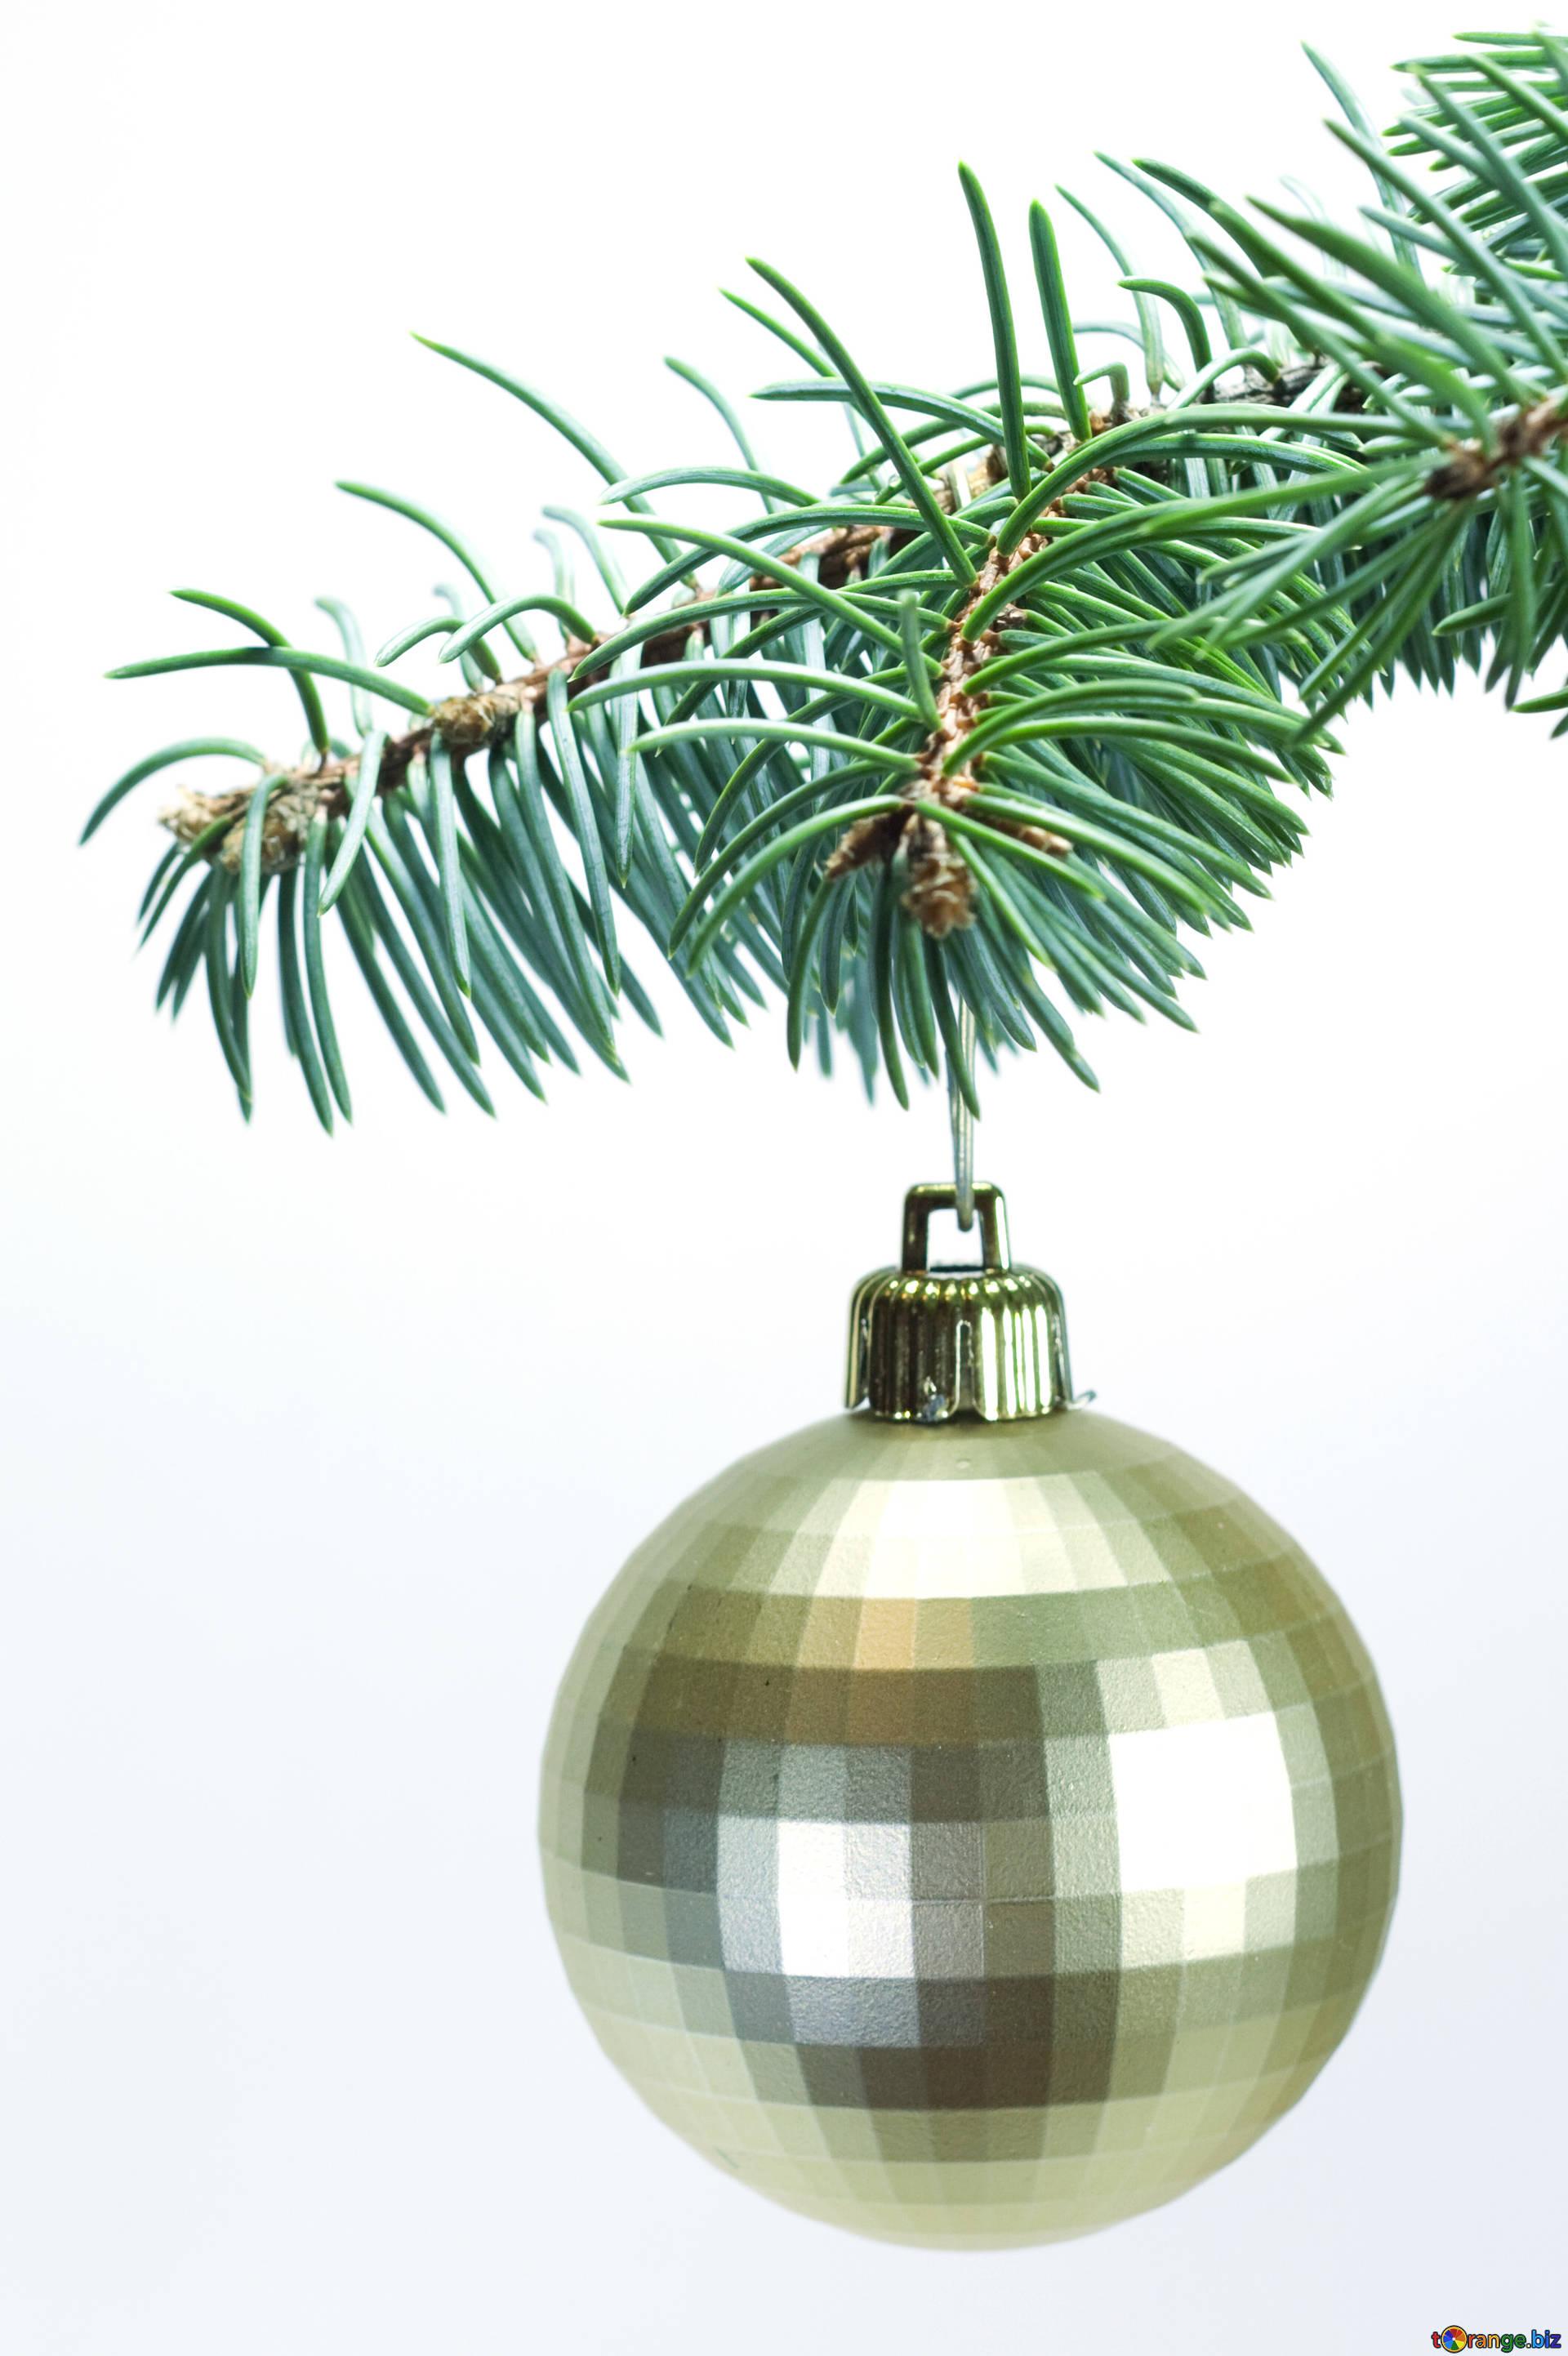 Árbol de navidad la navidad bola en árbol. clipart № 6787.